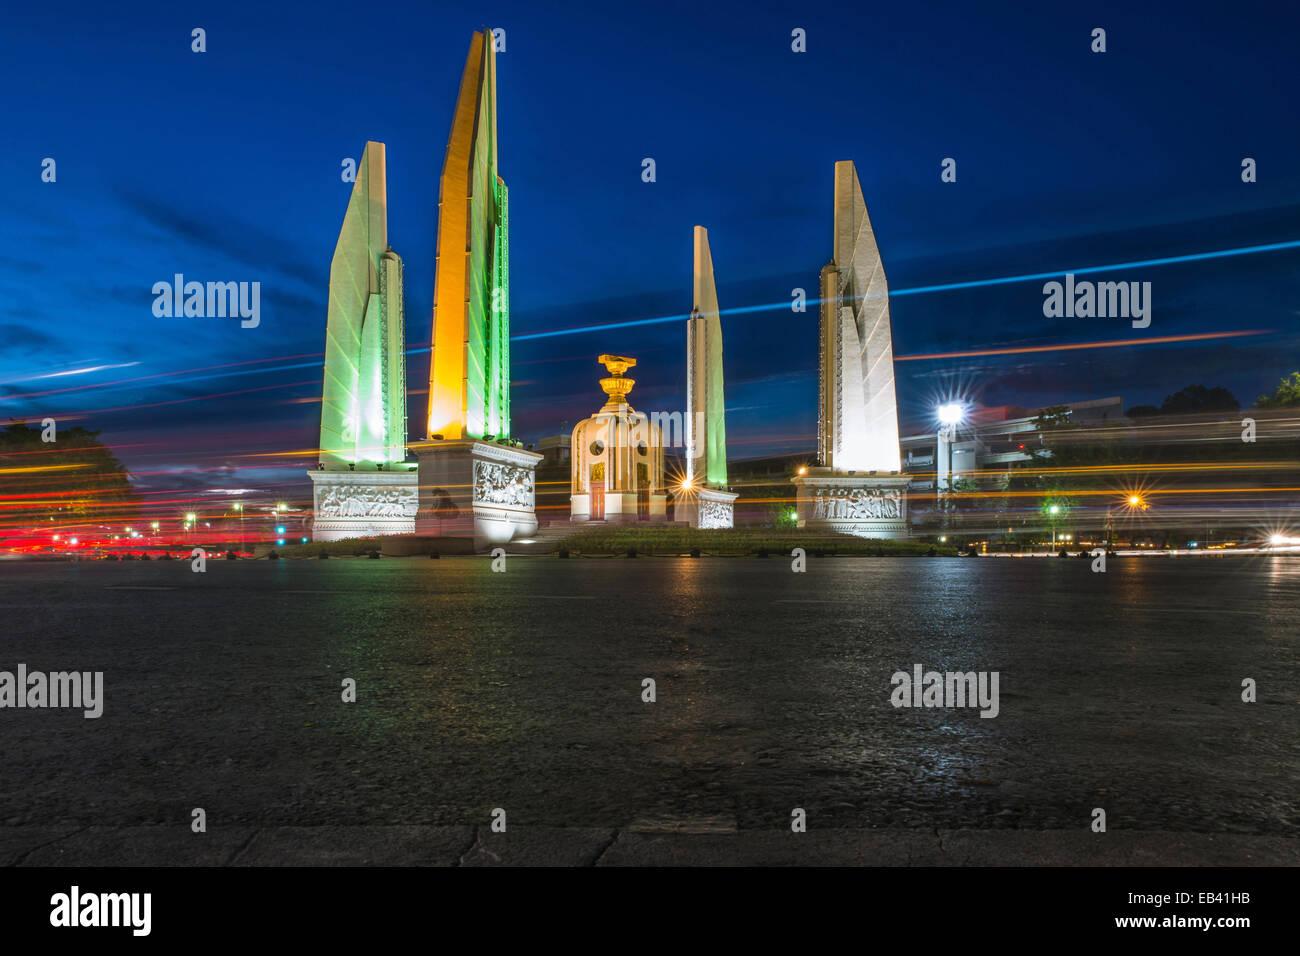 Monumento a la democracia en Bangkok, Tailandia Imagen De Stock